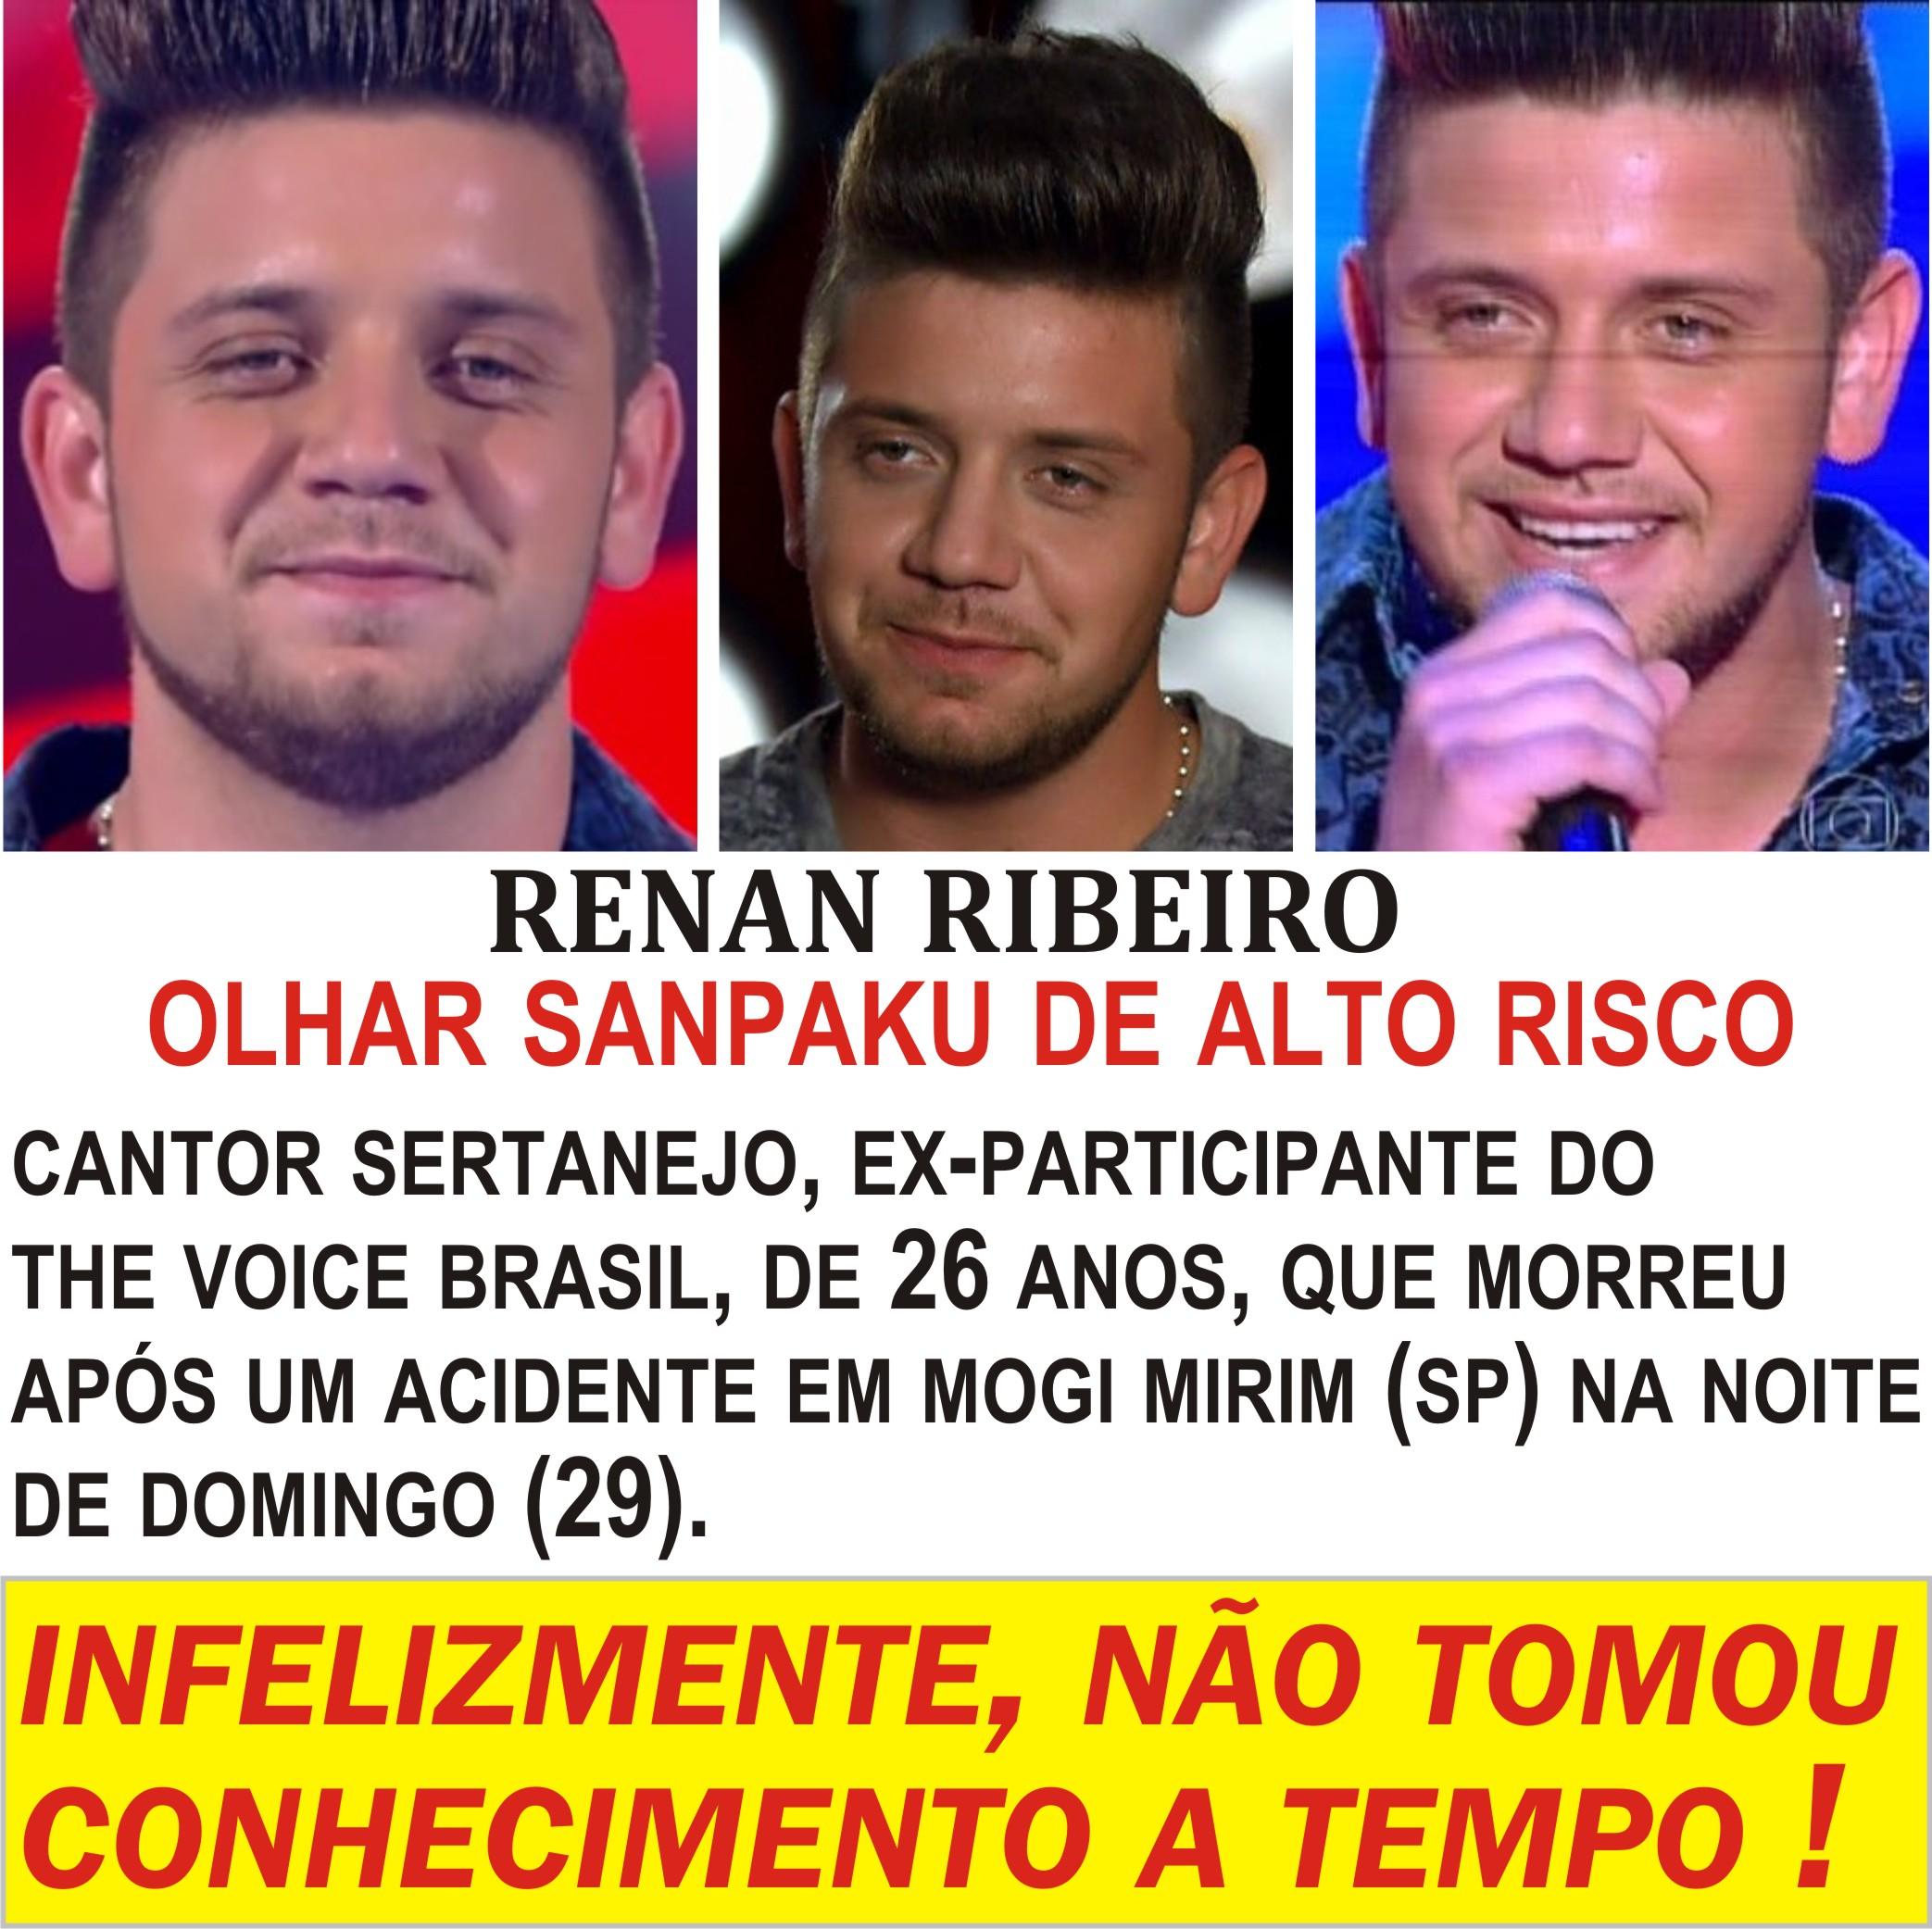 POST 396 RENAN RIBEIRO